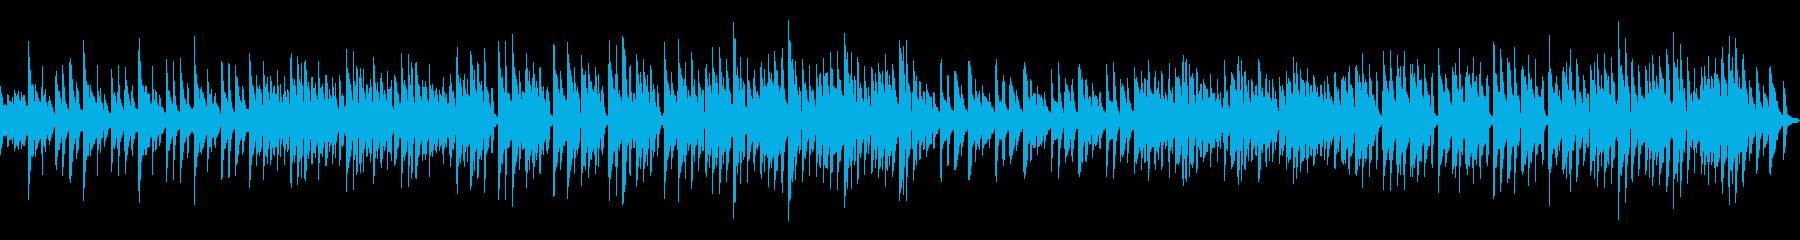 ゆっくりふんわりしたハンドベルの曲の再生済みの波形